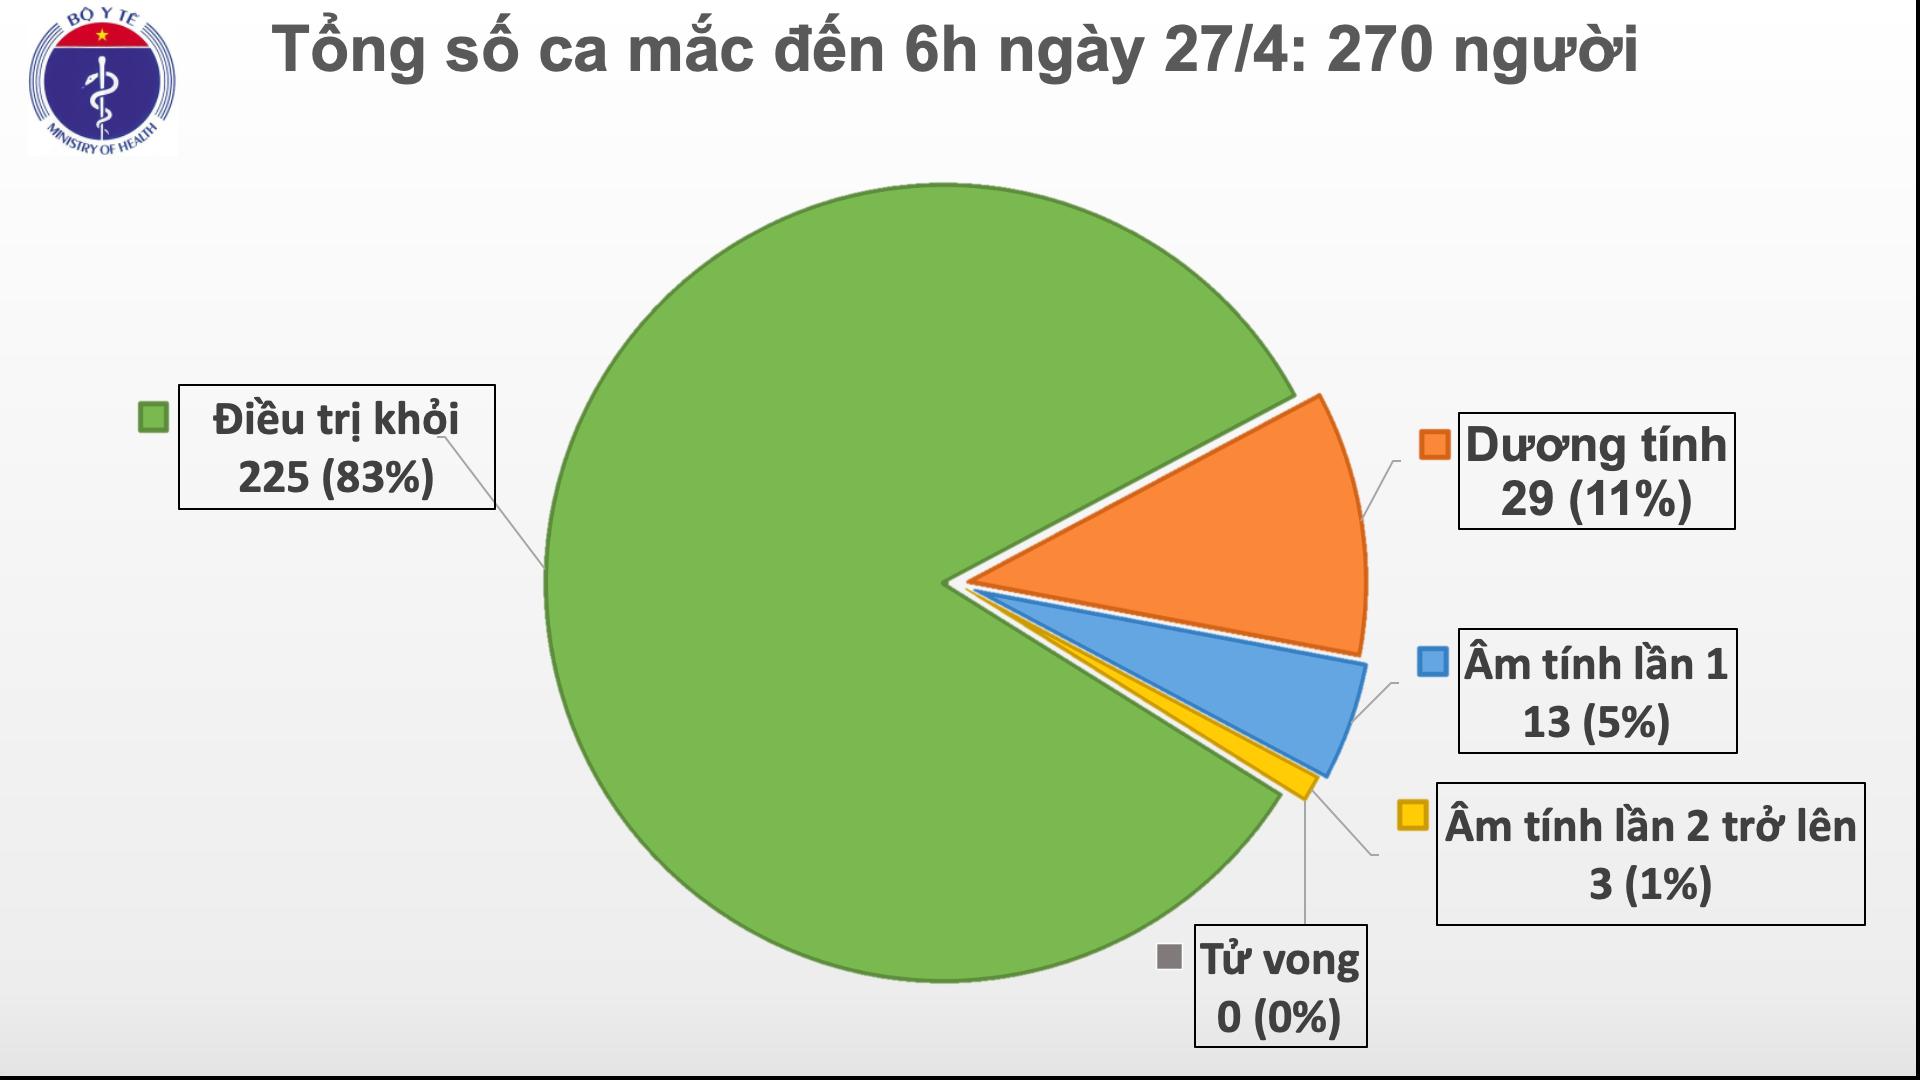 Sáng 27/4, Việt Nam đã sang ngày thứ 11 không có ca mắc mới COVID-19 trong cộng đồng - Ảnh 3